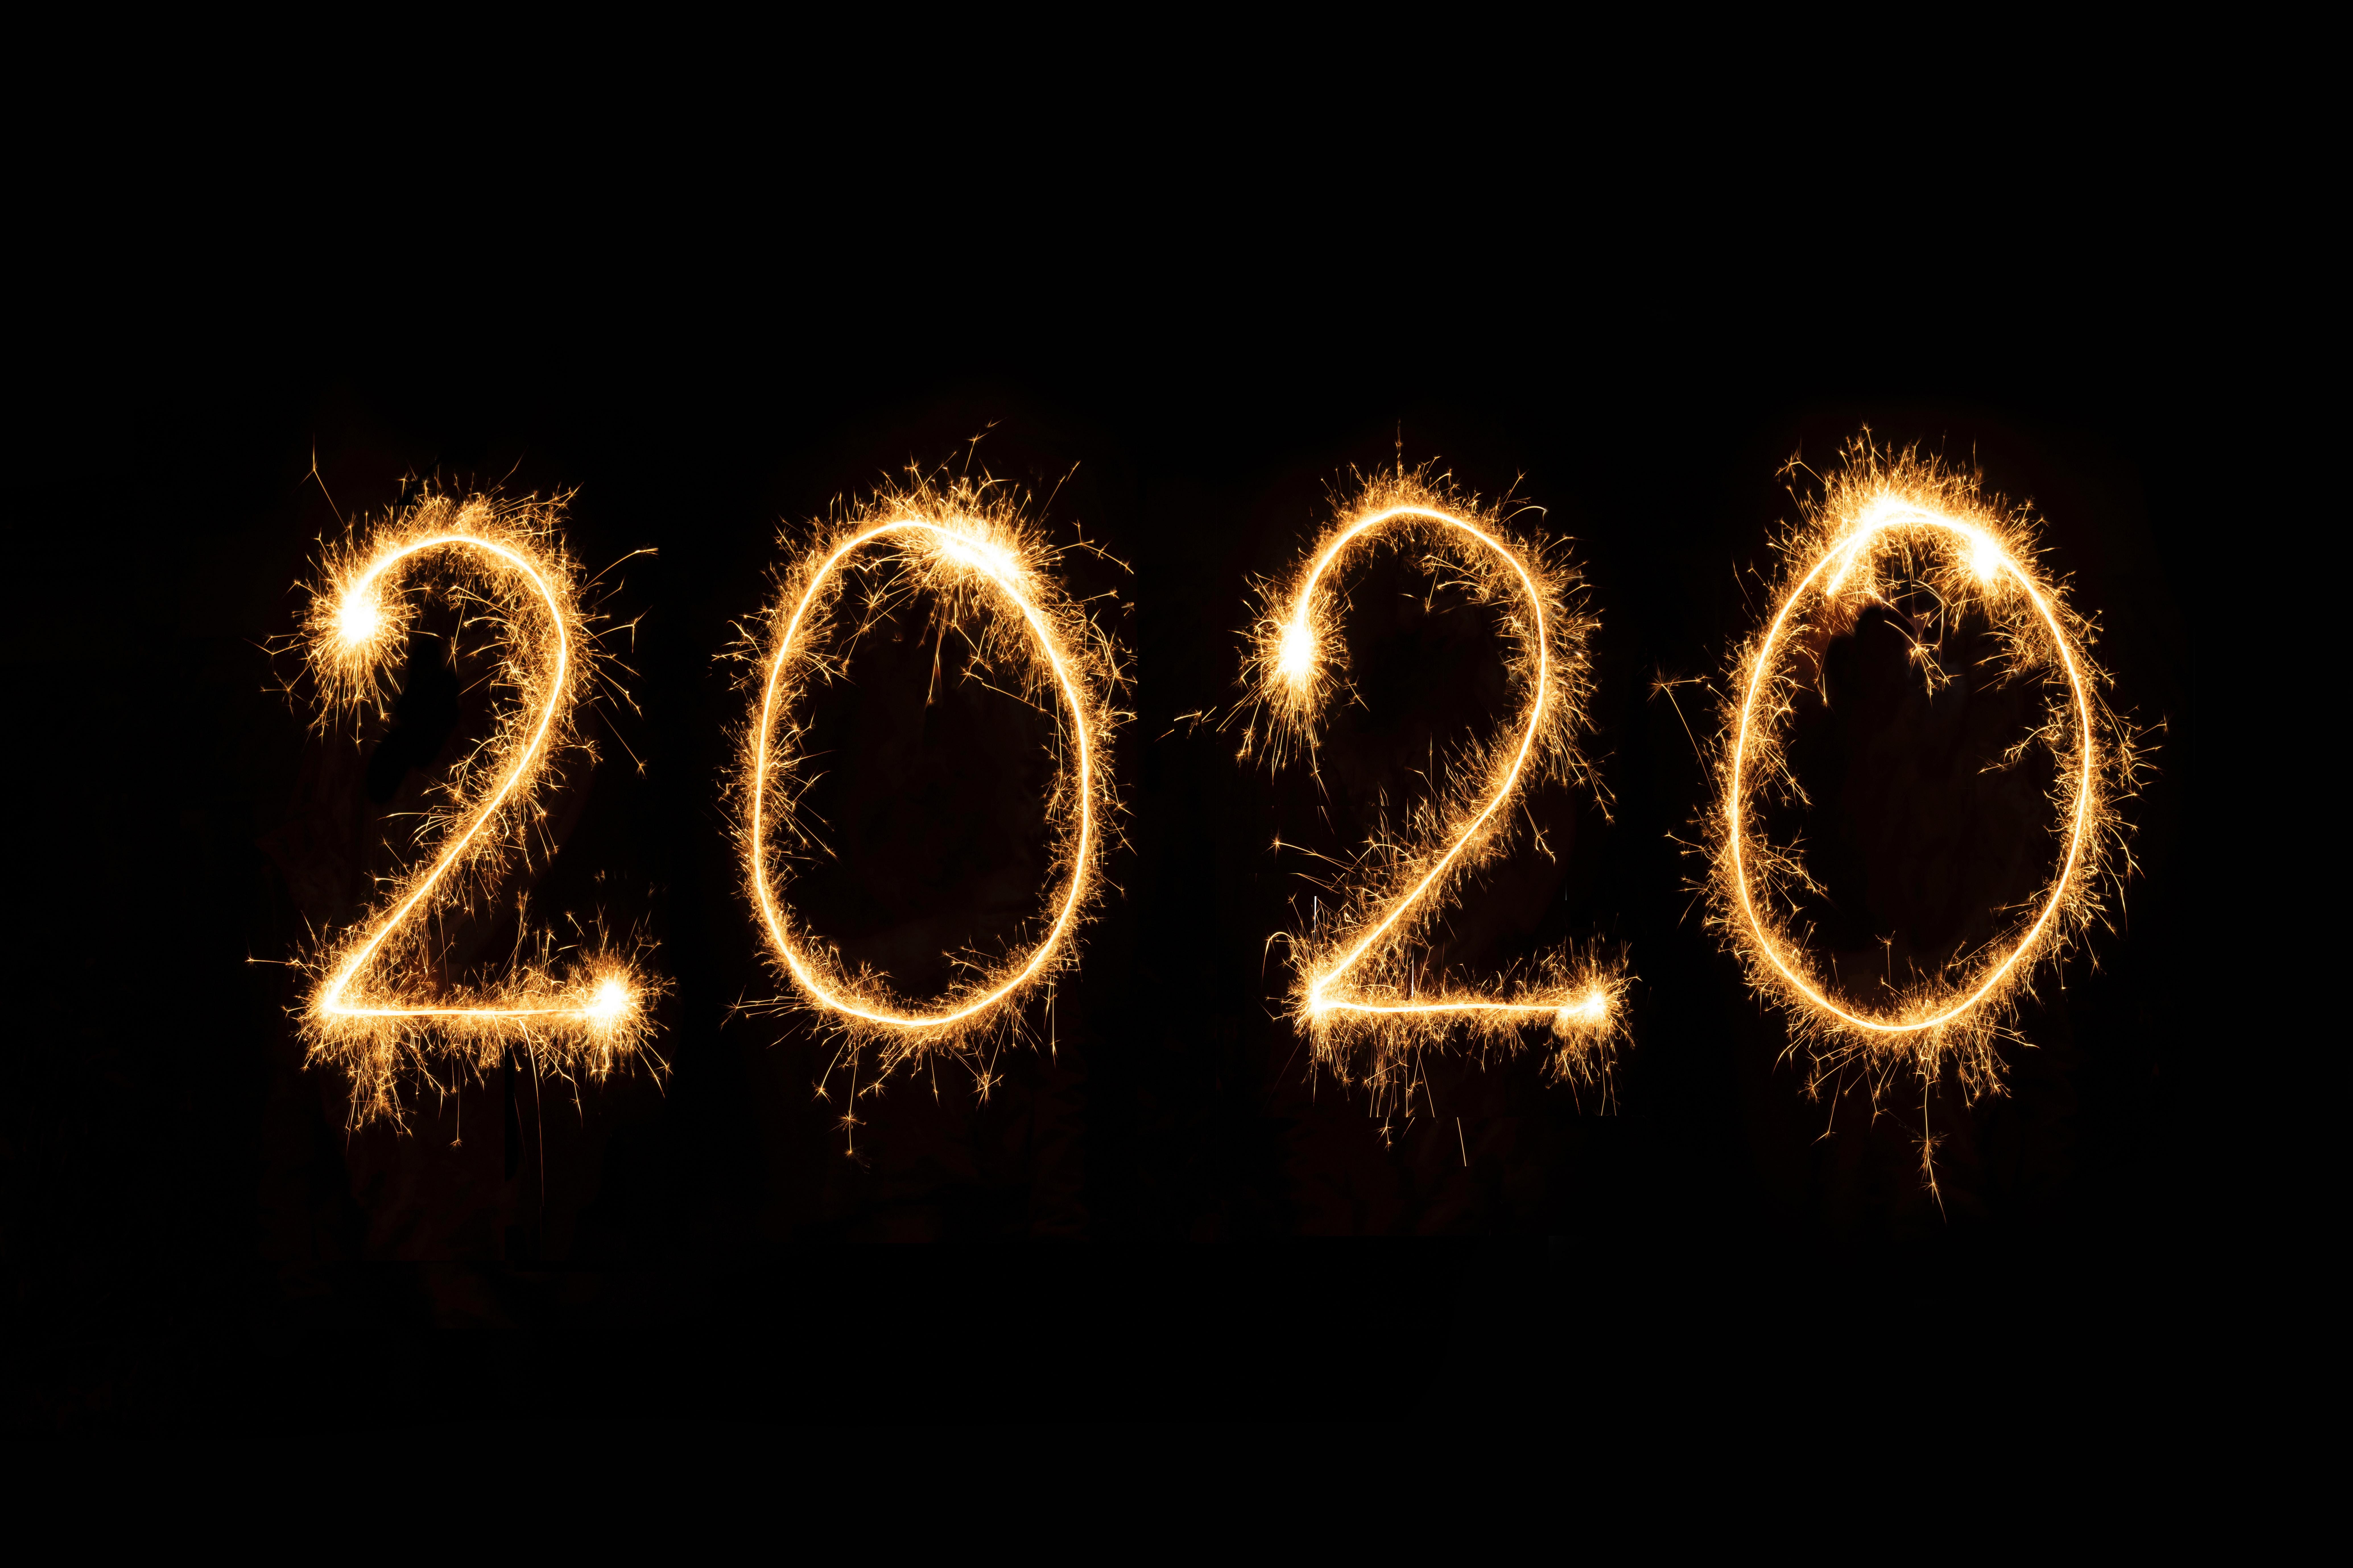 WordPress voornemens voor 2020